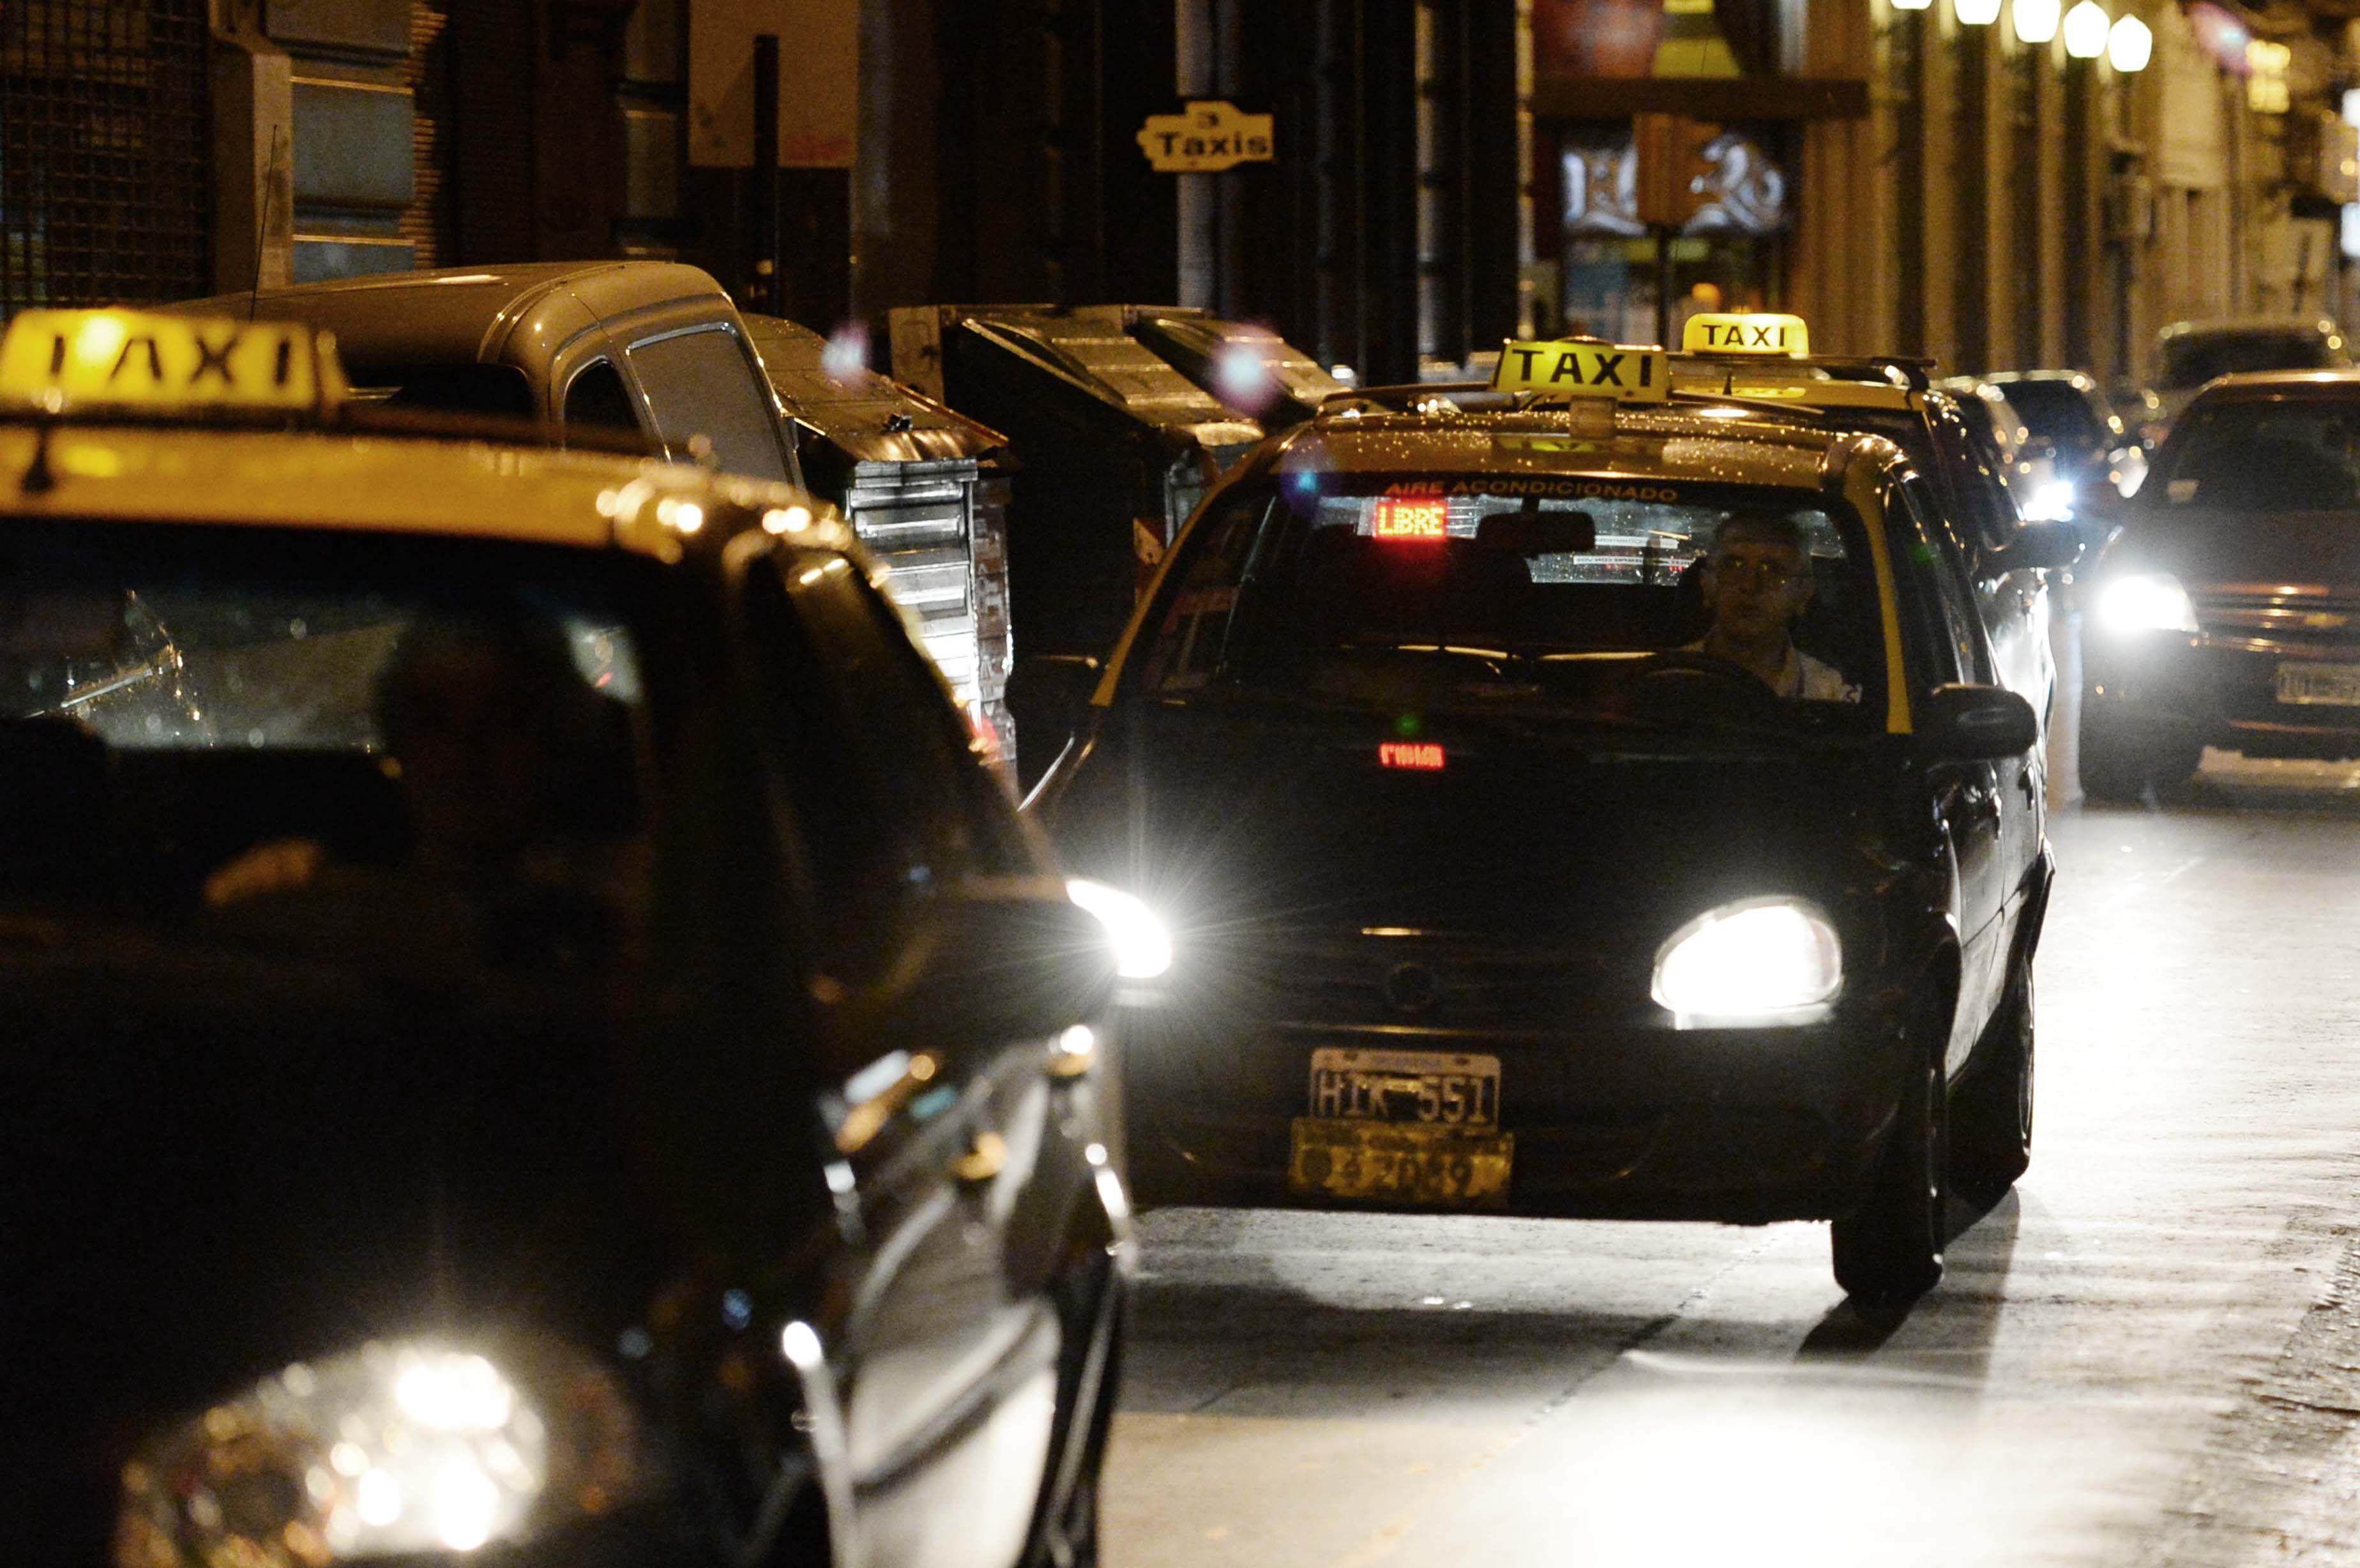 El taxista que fue víctima del asalto resultó ileso. (Foto de archivo)